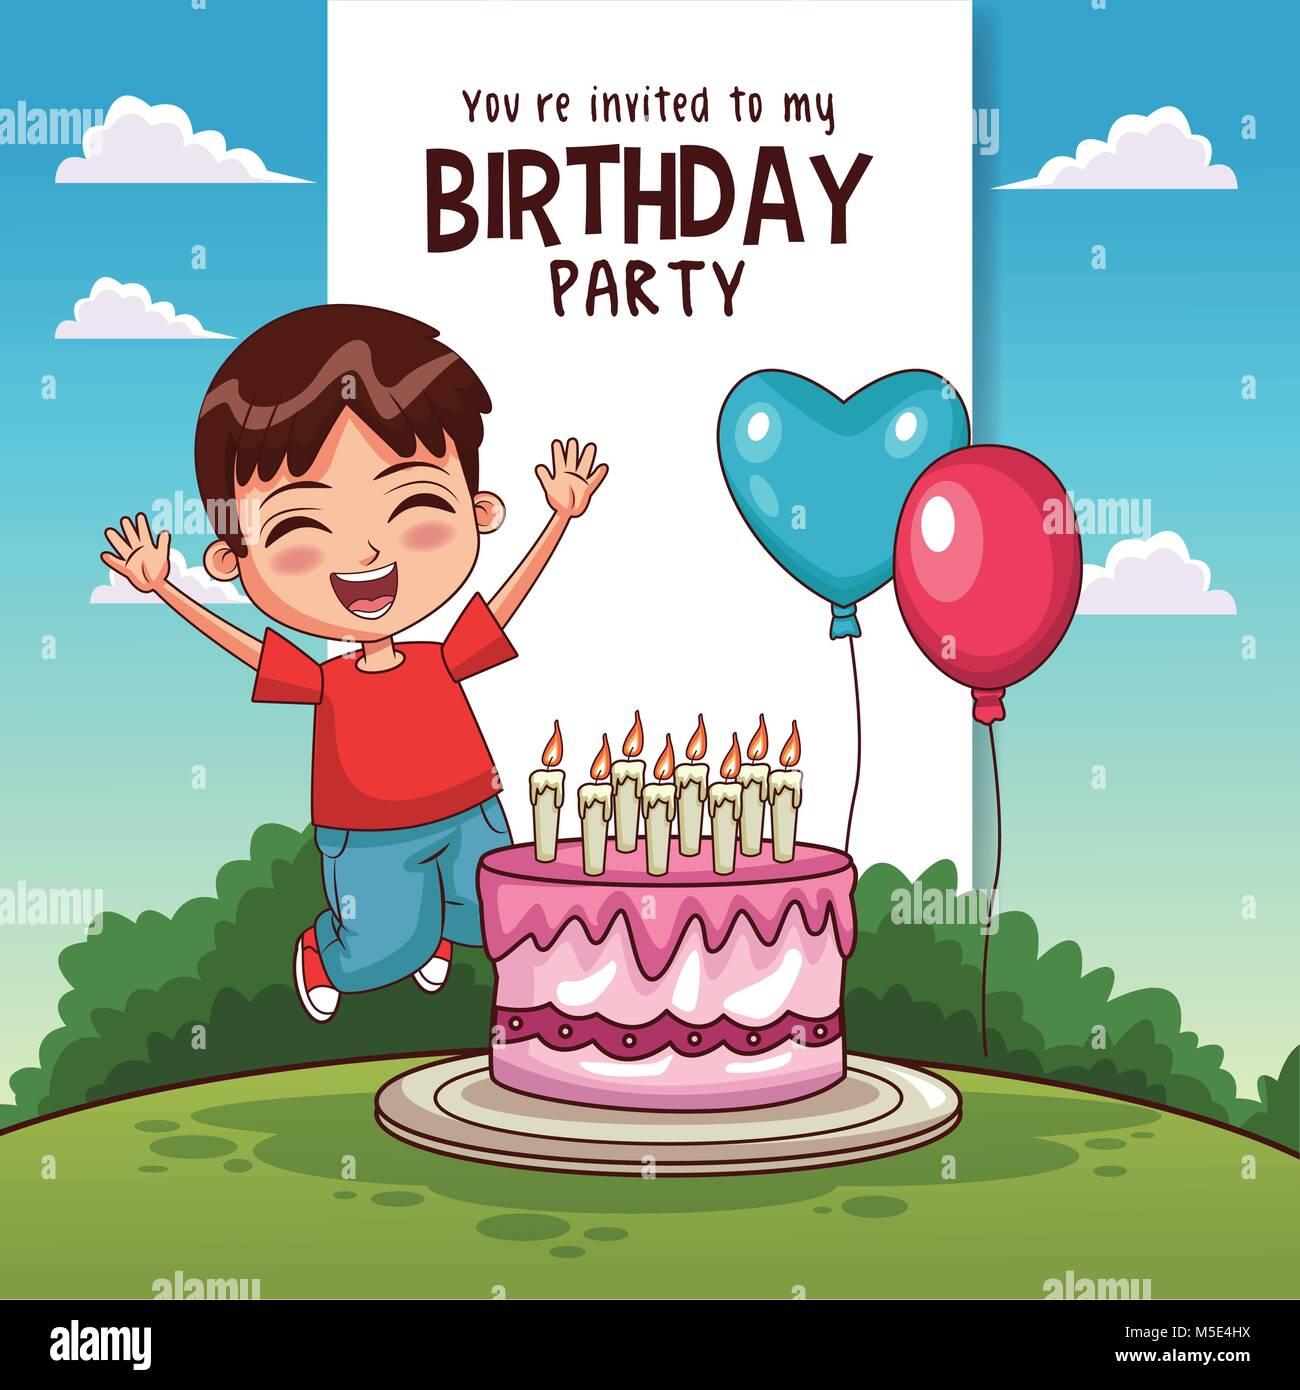 Tarjeta De Invitación A Fiesta De Cumpleaños Para Niños